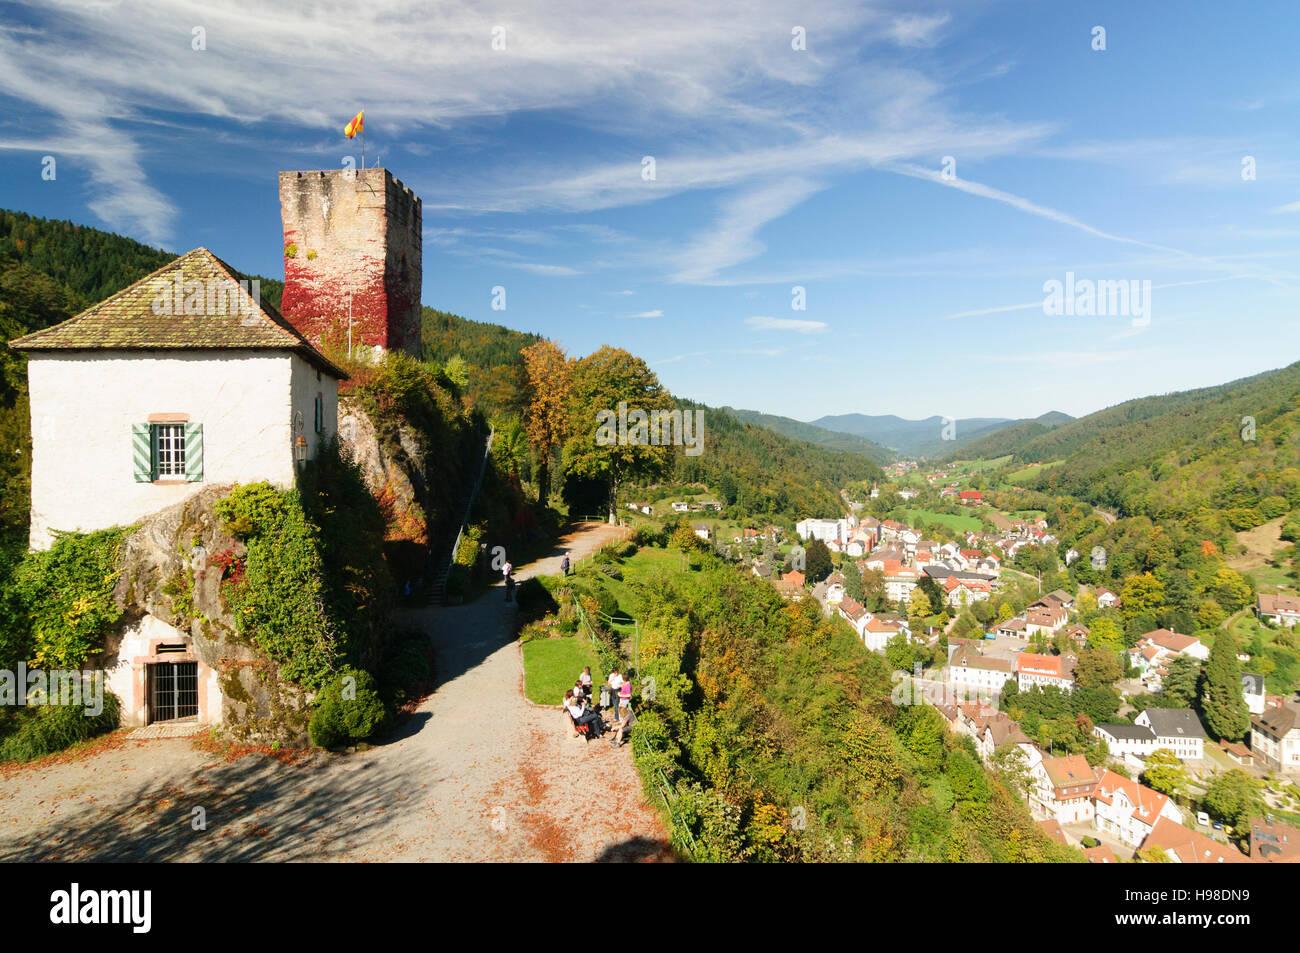 Hornberg (Schwarzwald): Blick vom Schlossberg und Burg Hornberg Stadt mit dem Viadukt der Schwarzwaldbahn-Bahn-Linie, Stockbild